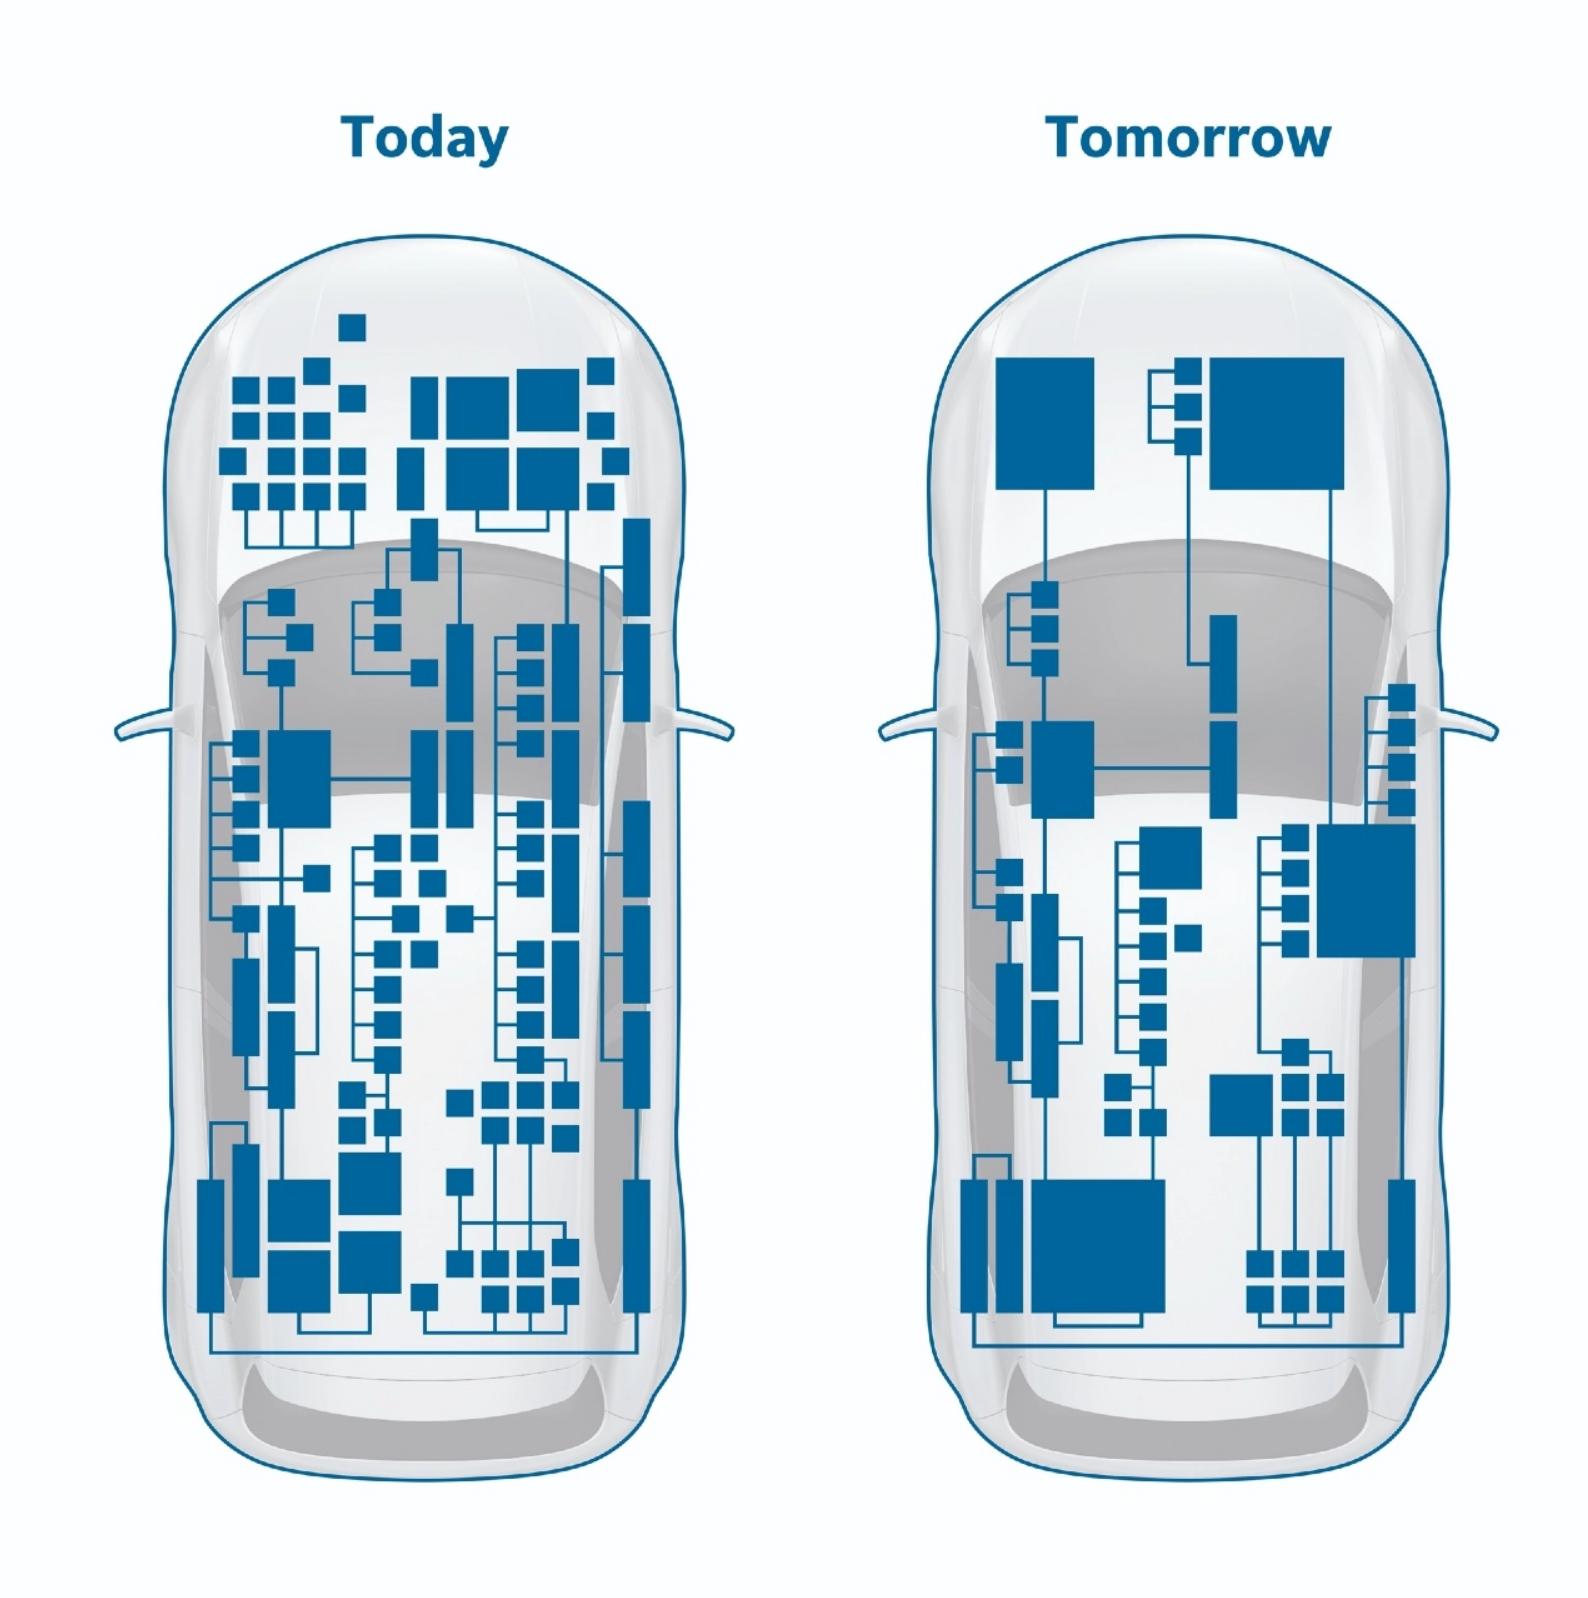 Bosch Mobilite Bilişim Çözümleri ile önemli bir adım atıyor!